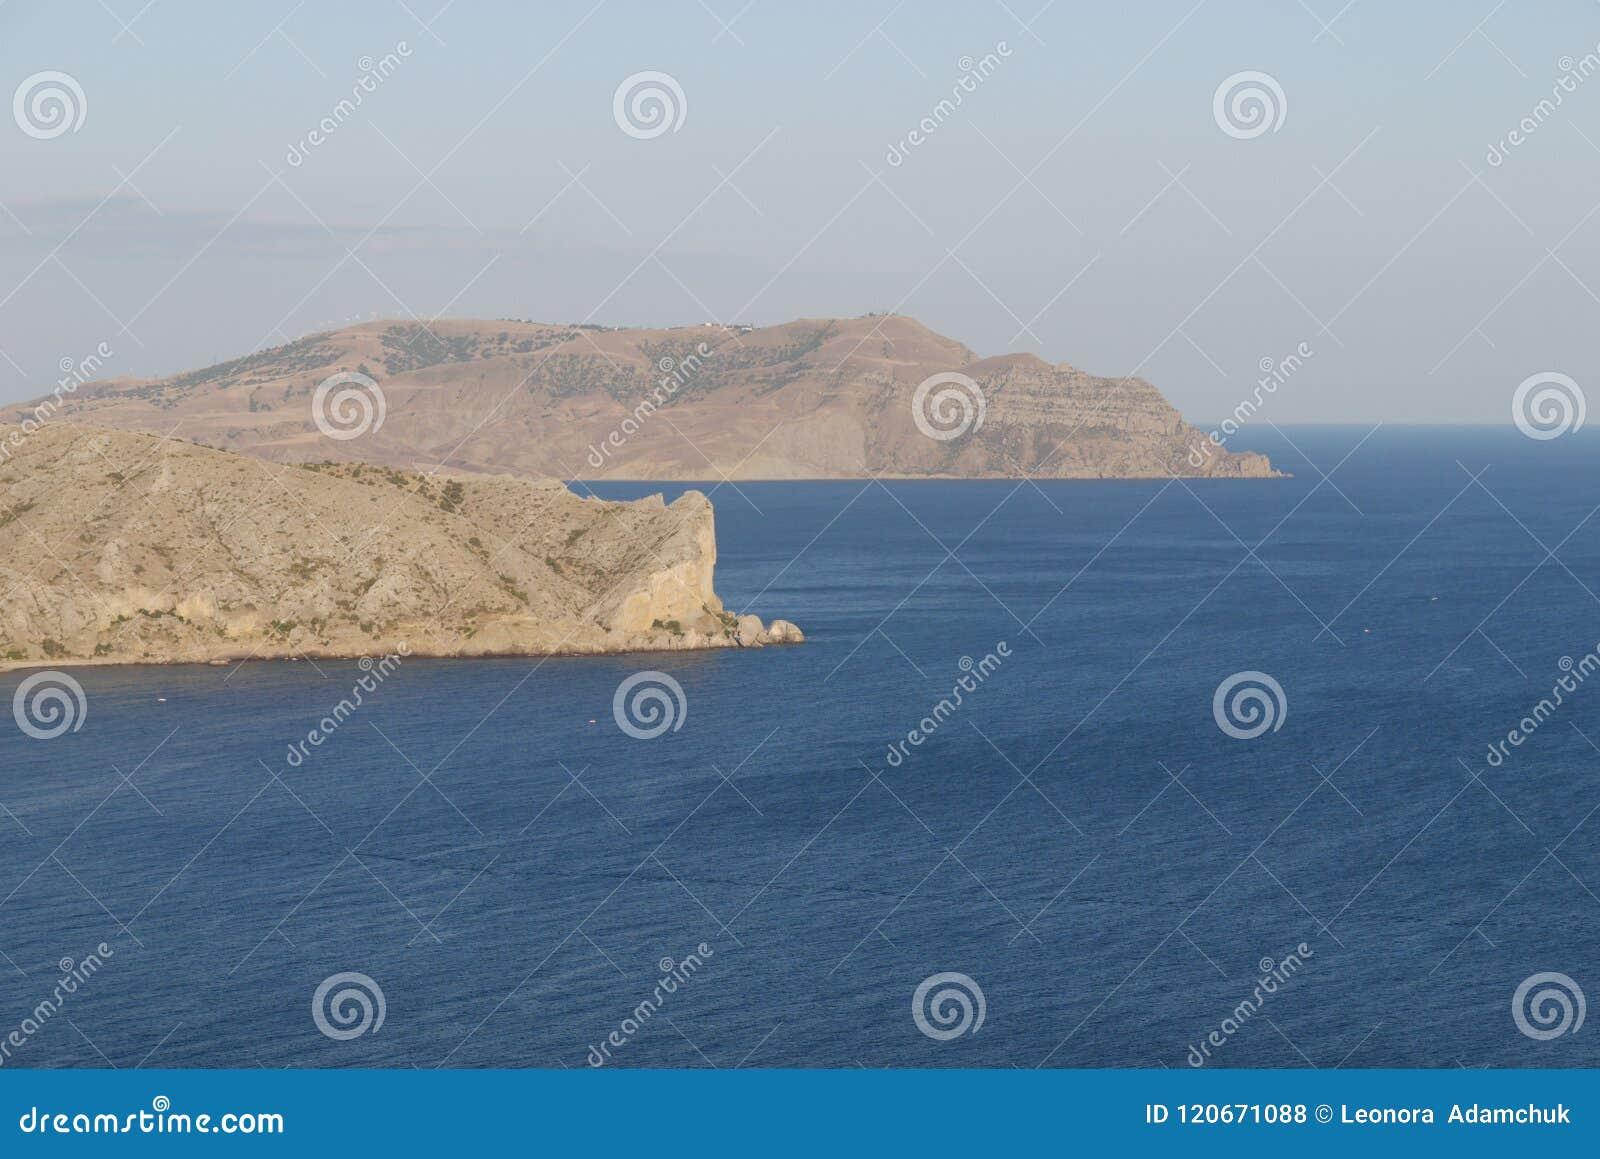 Hoge zandige schiereilanden in het midden van het grenzeloze overzees